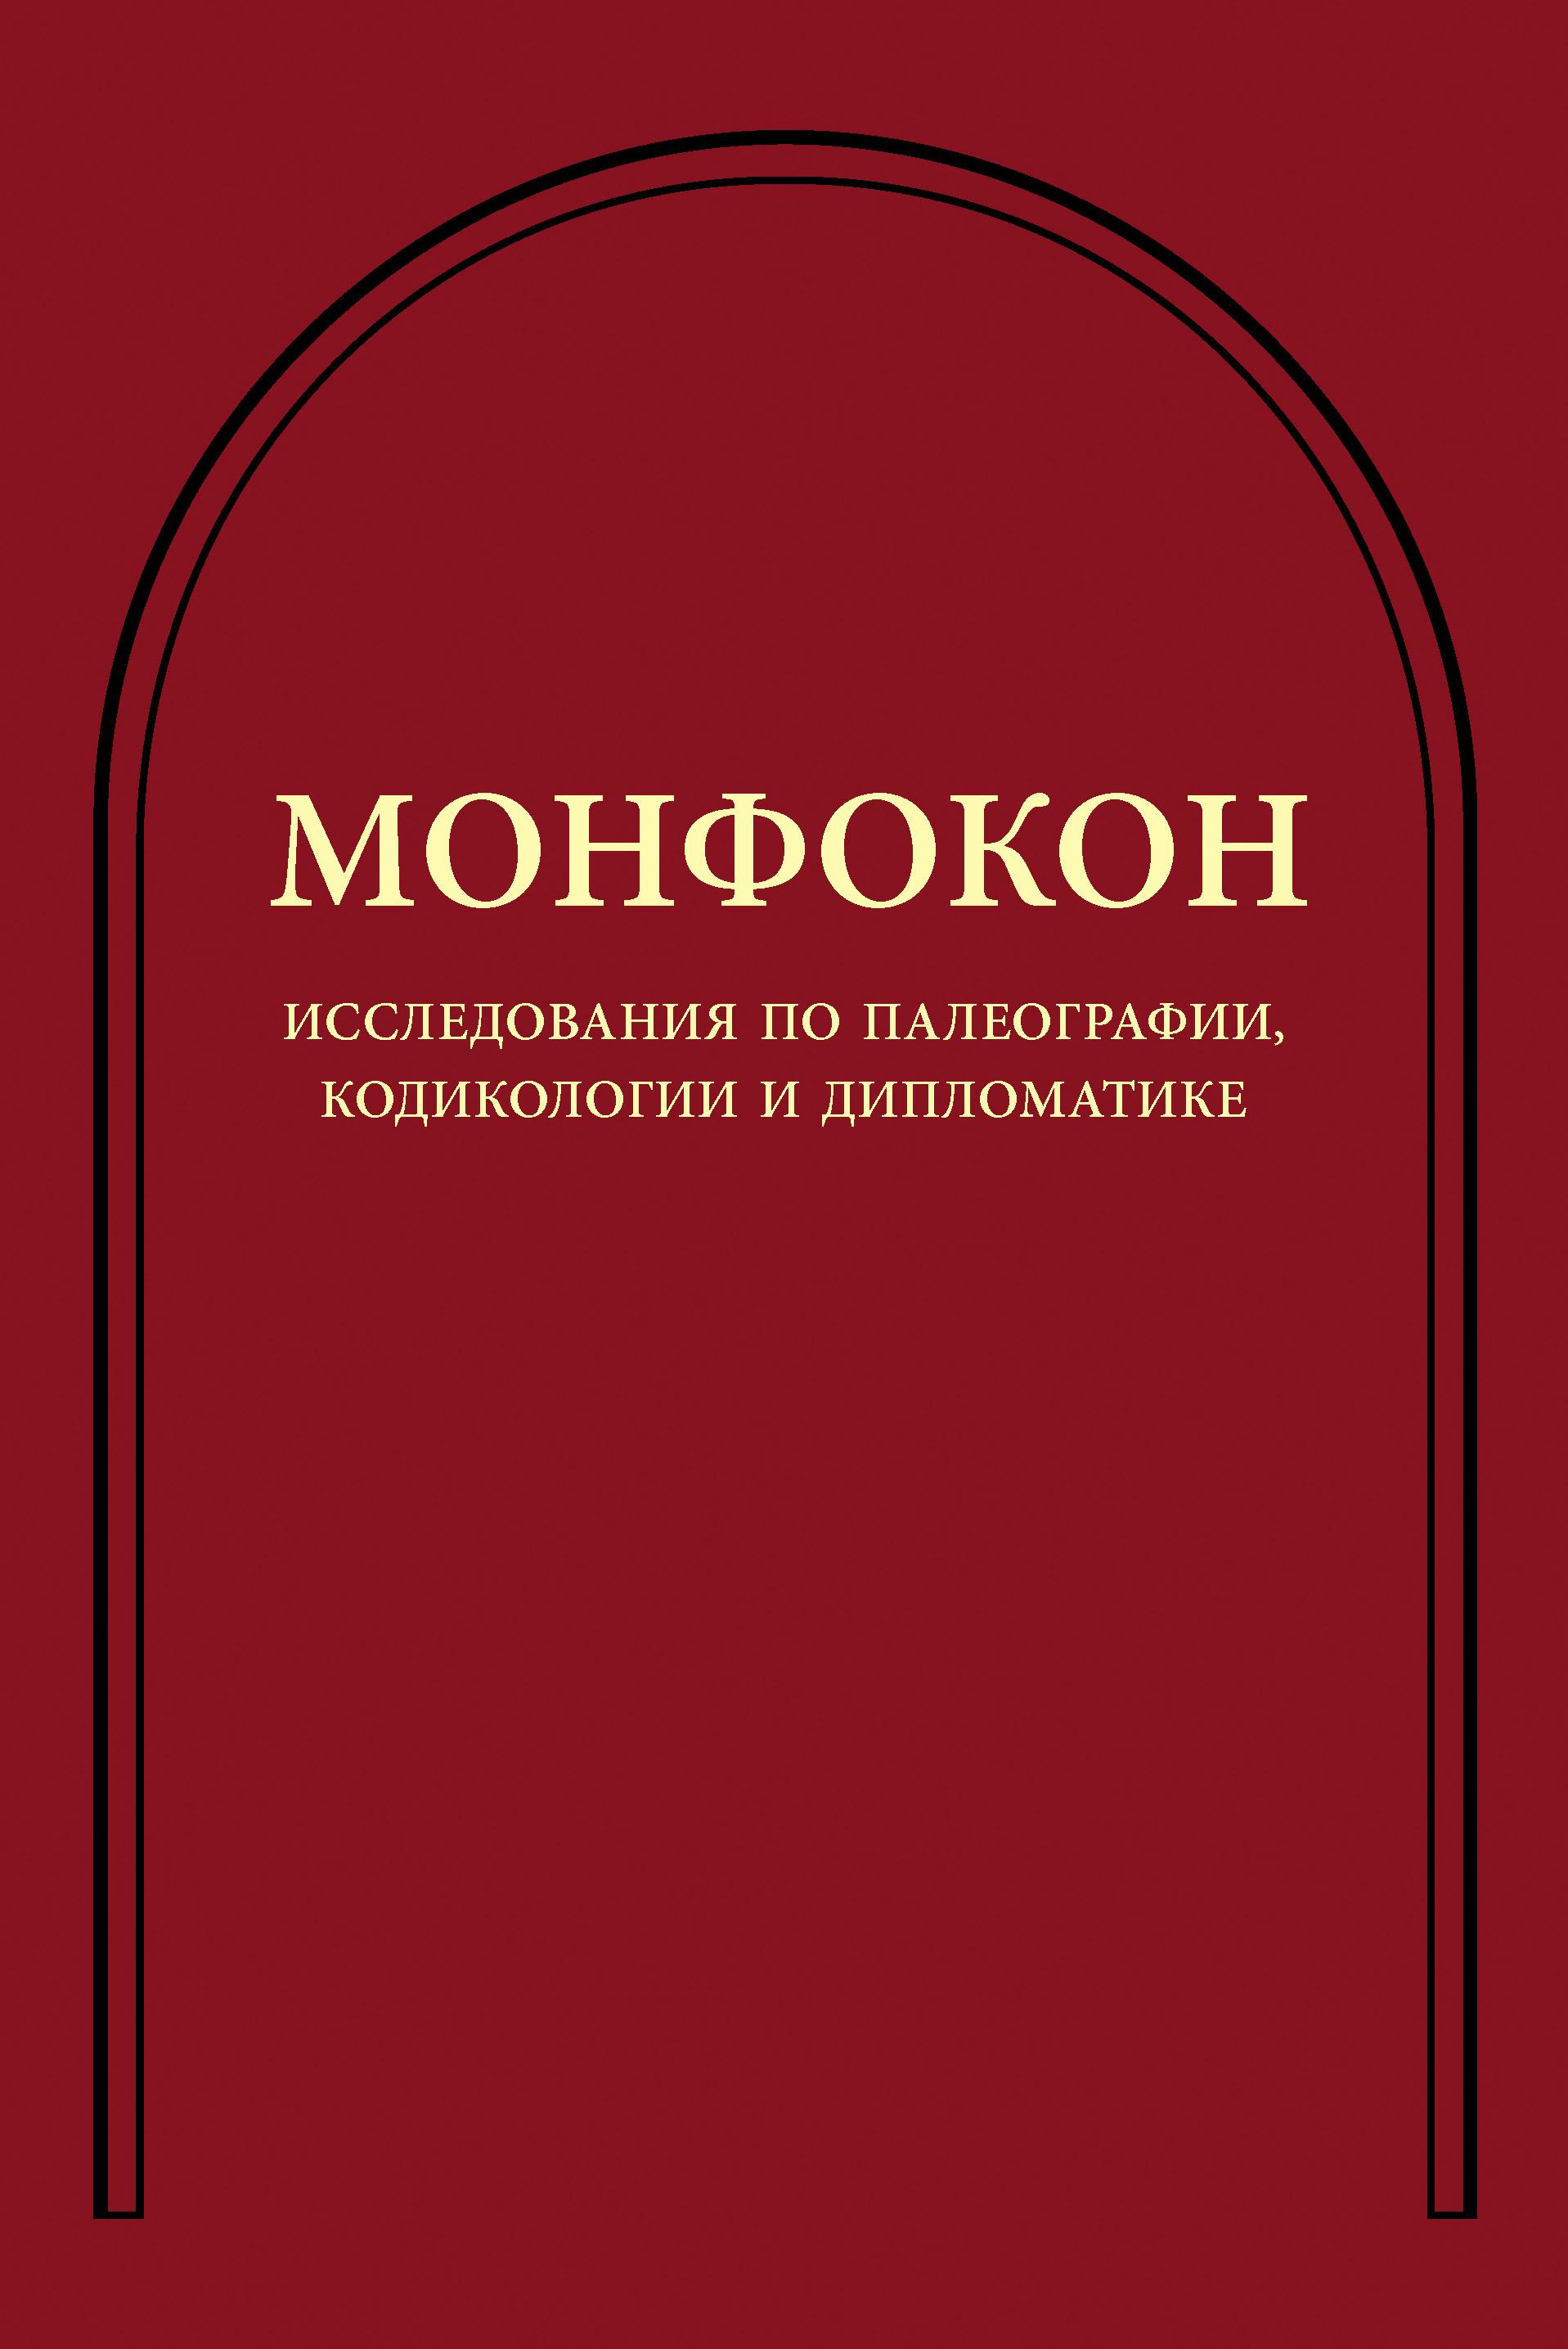 Коллектив авторов Исследования по палеографии, кодикологии и дипломатике коллектив авторов исследования по палеографии кодикологии и дипломатике